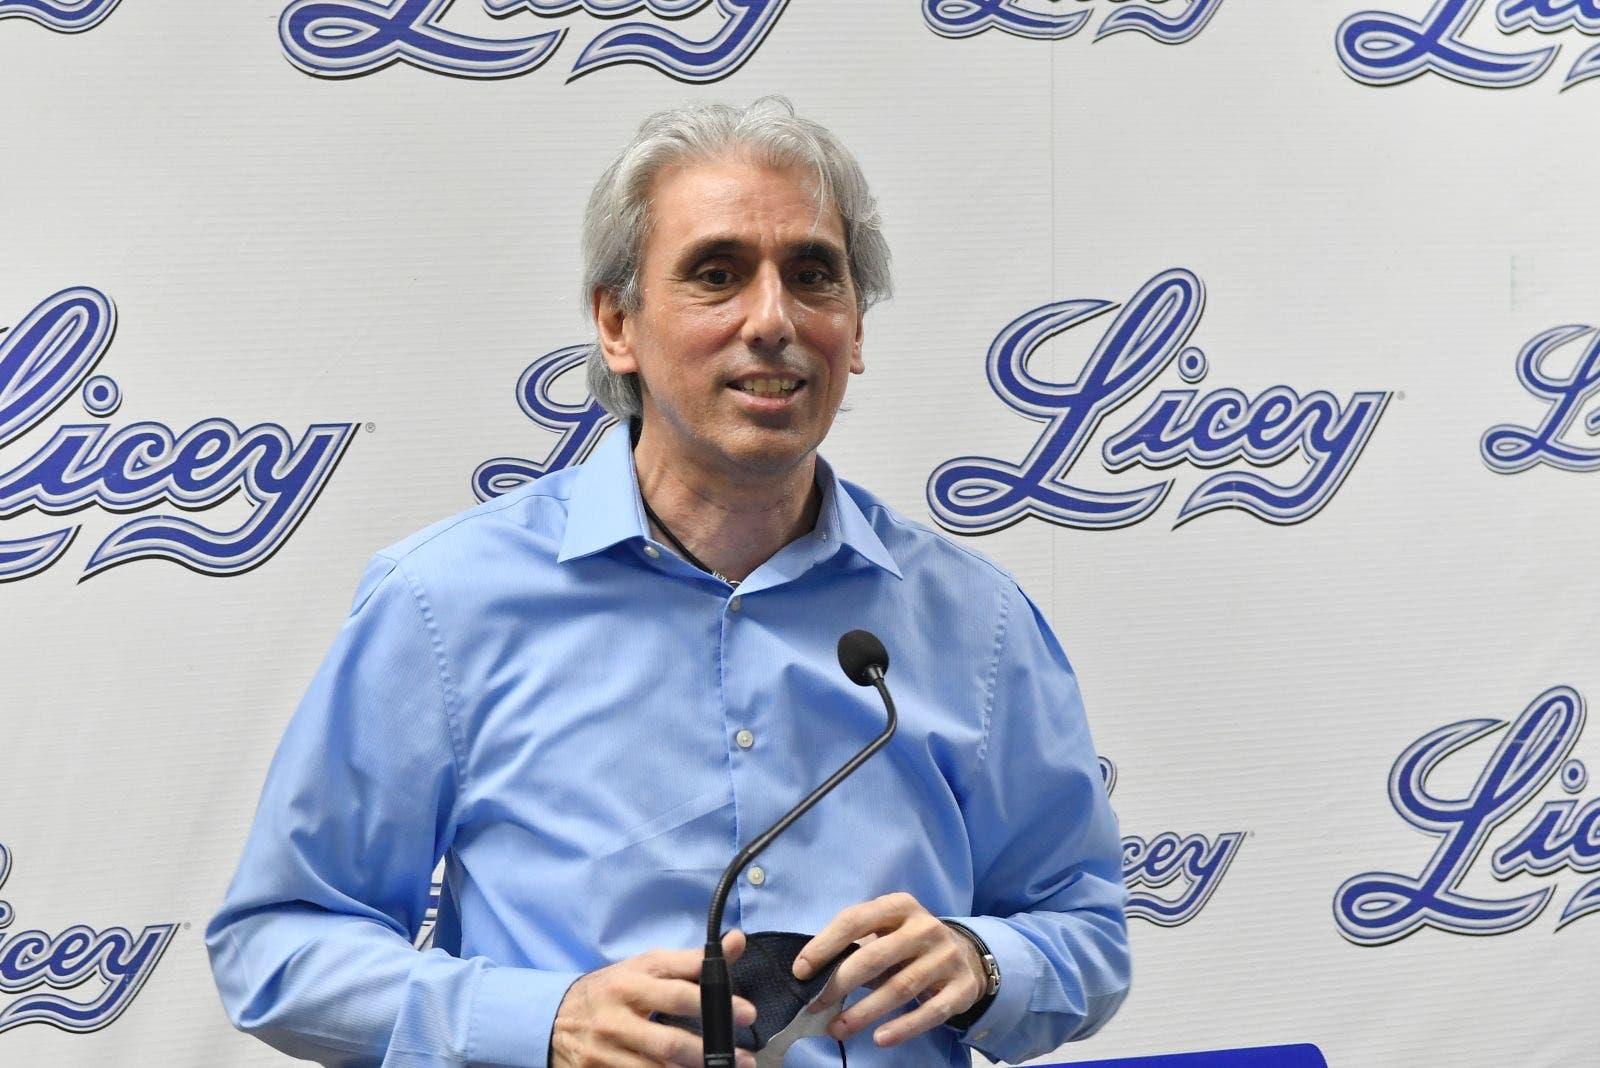 Ricardo Ravelo Jana es el nuevo presidente del Licey